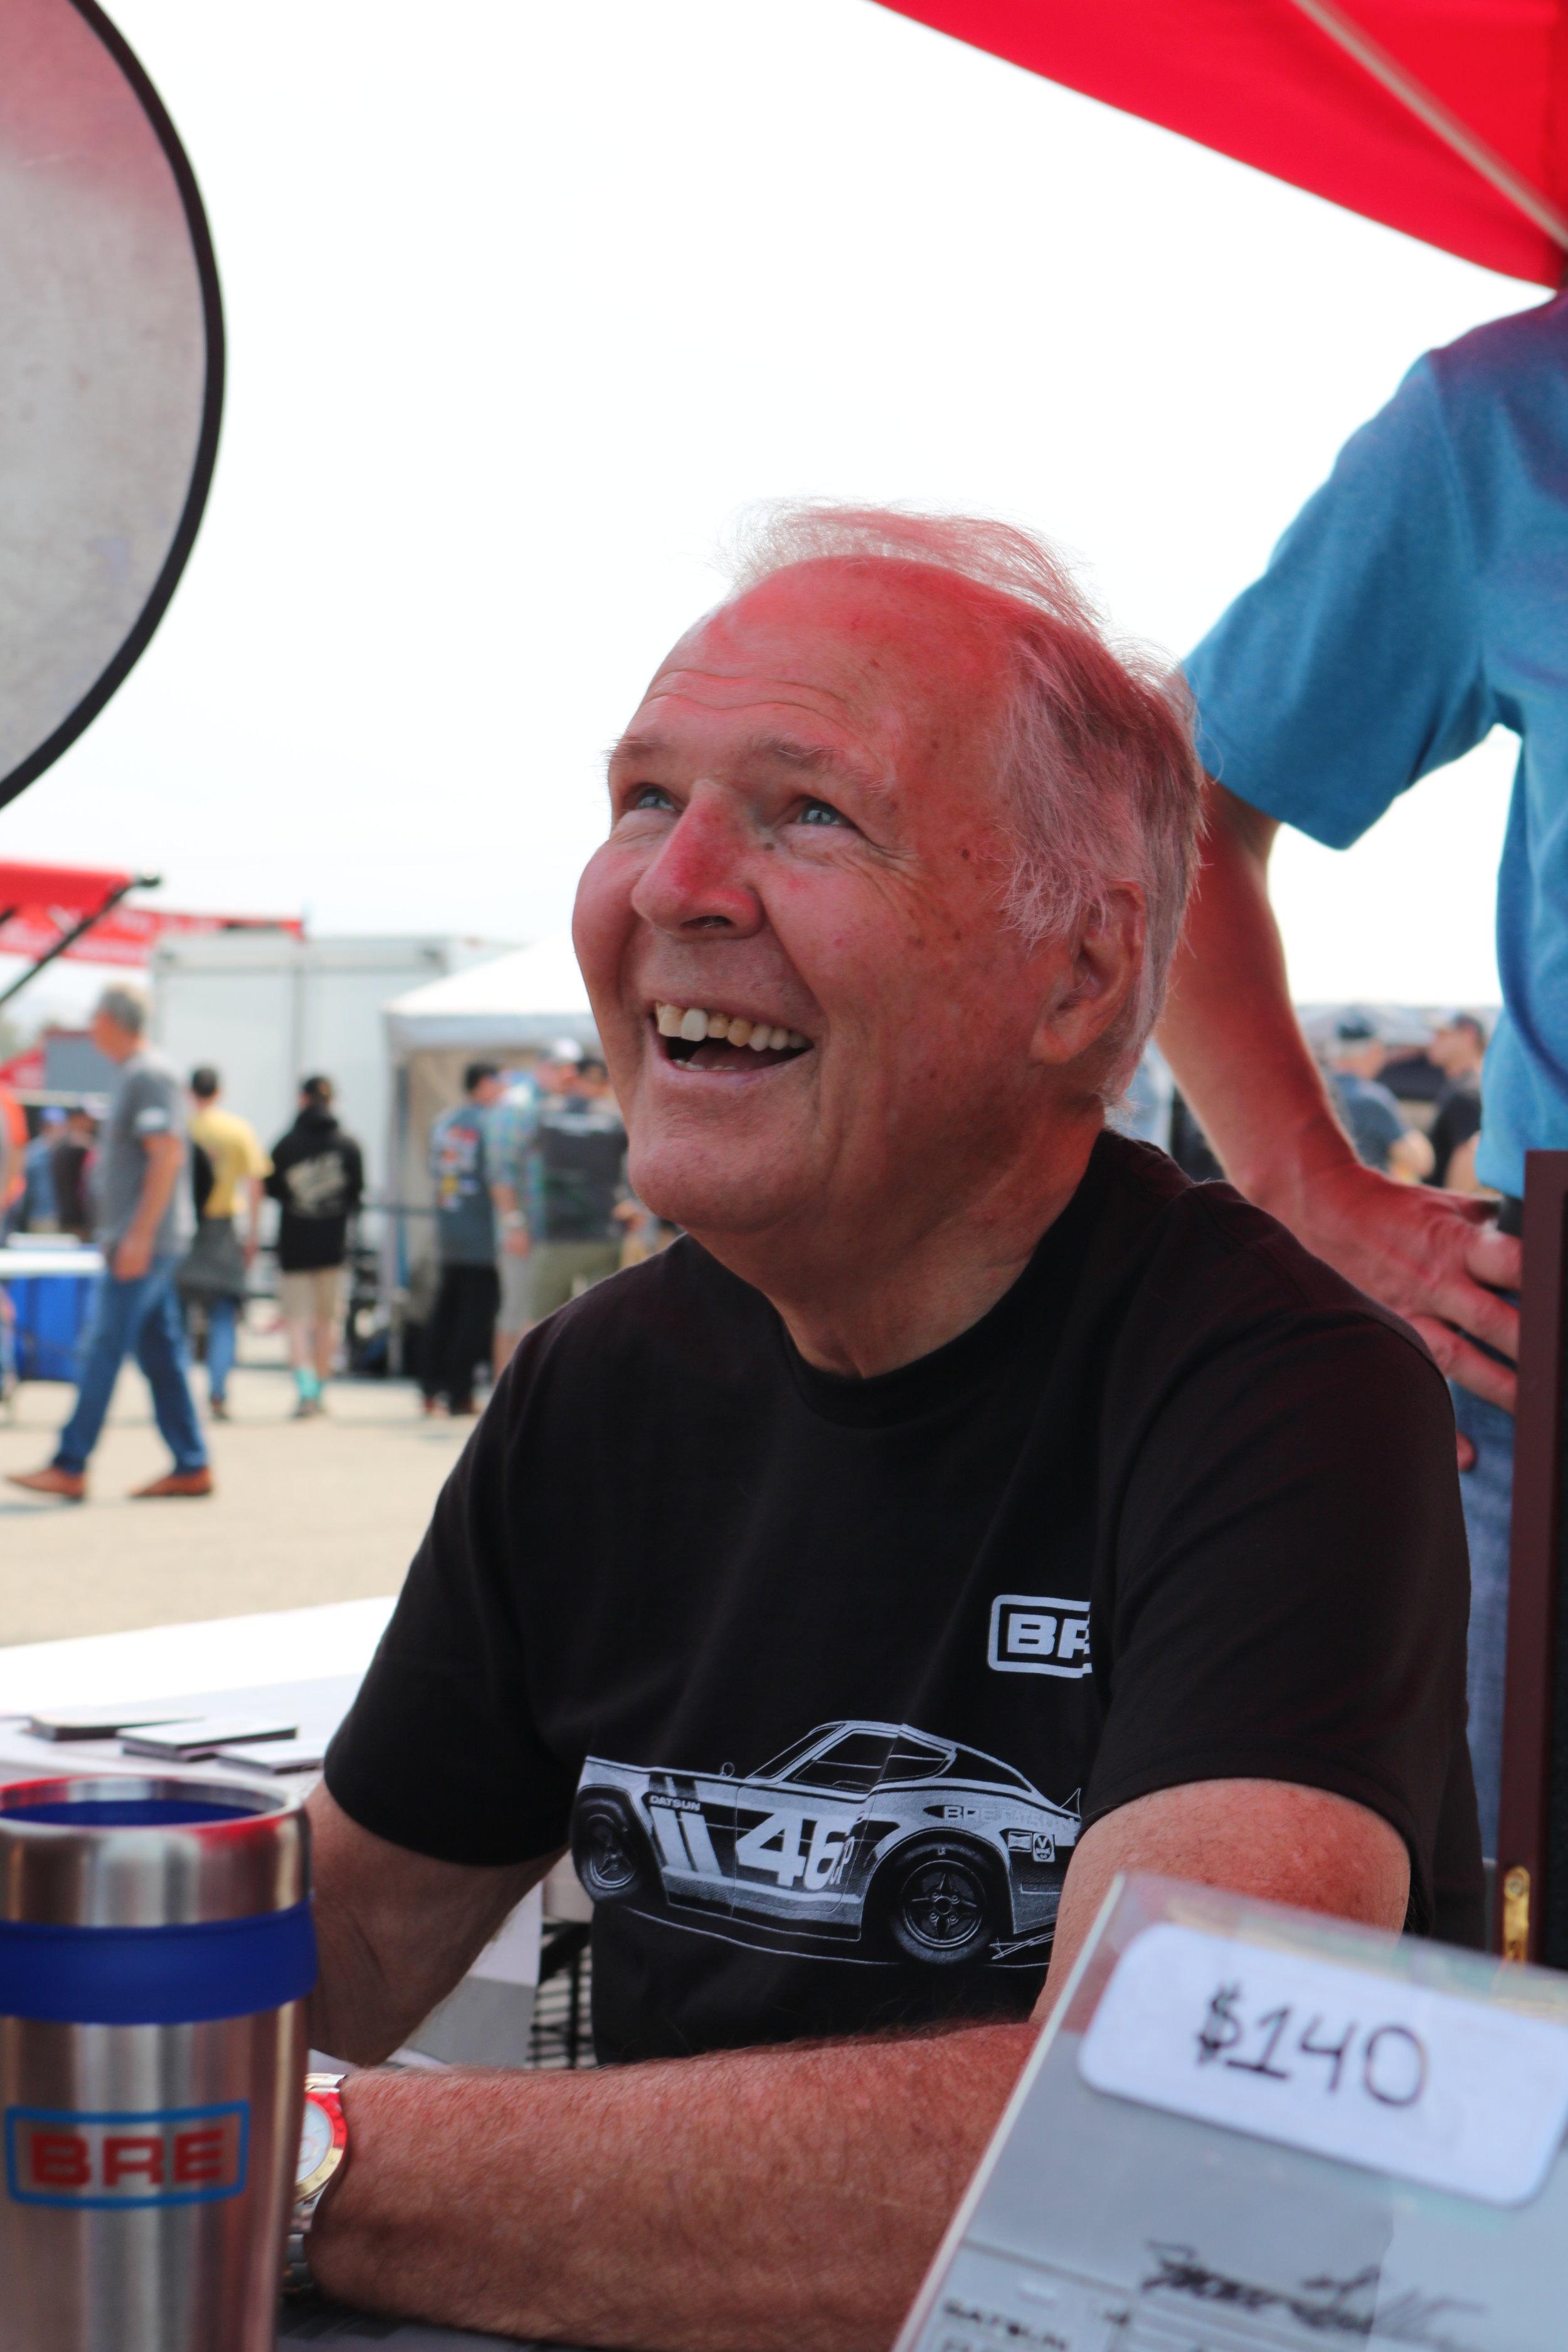 The Patron Saint of Datsun Racing, Peter Brock